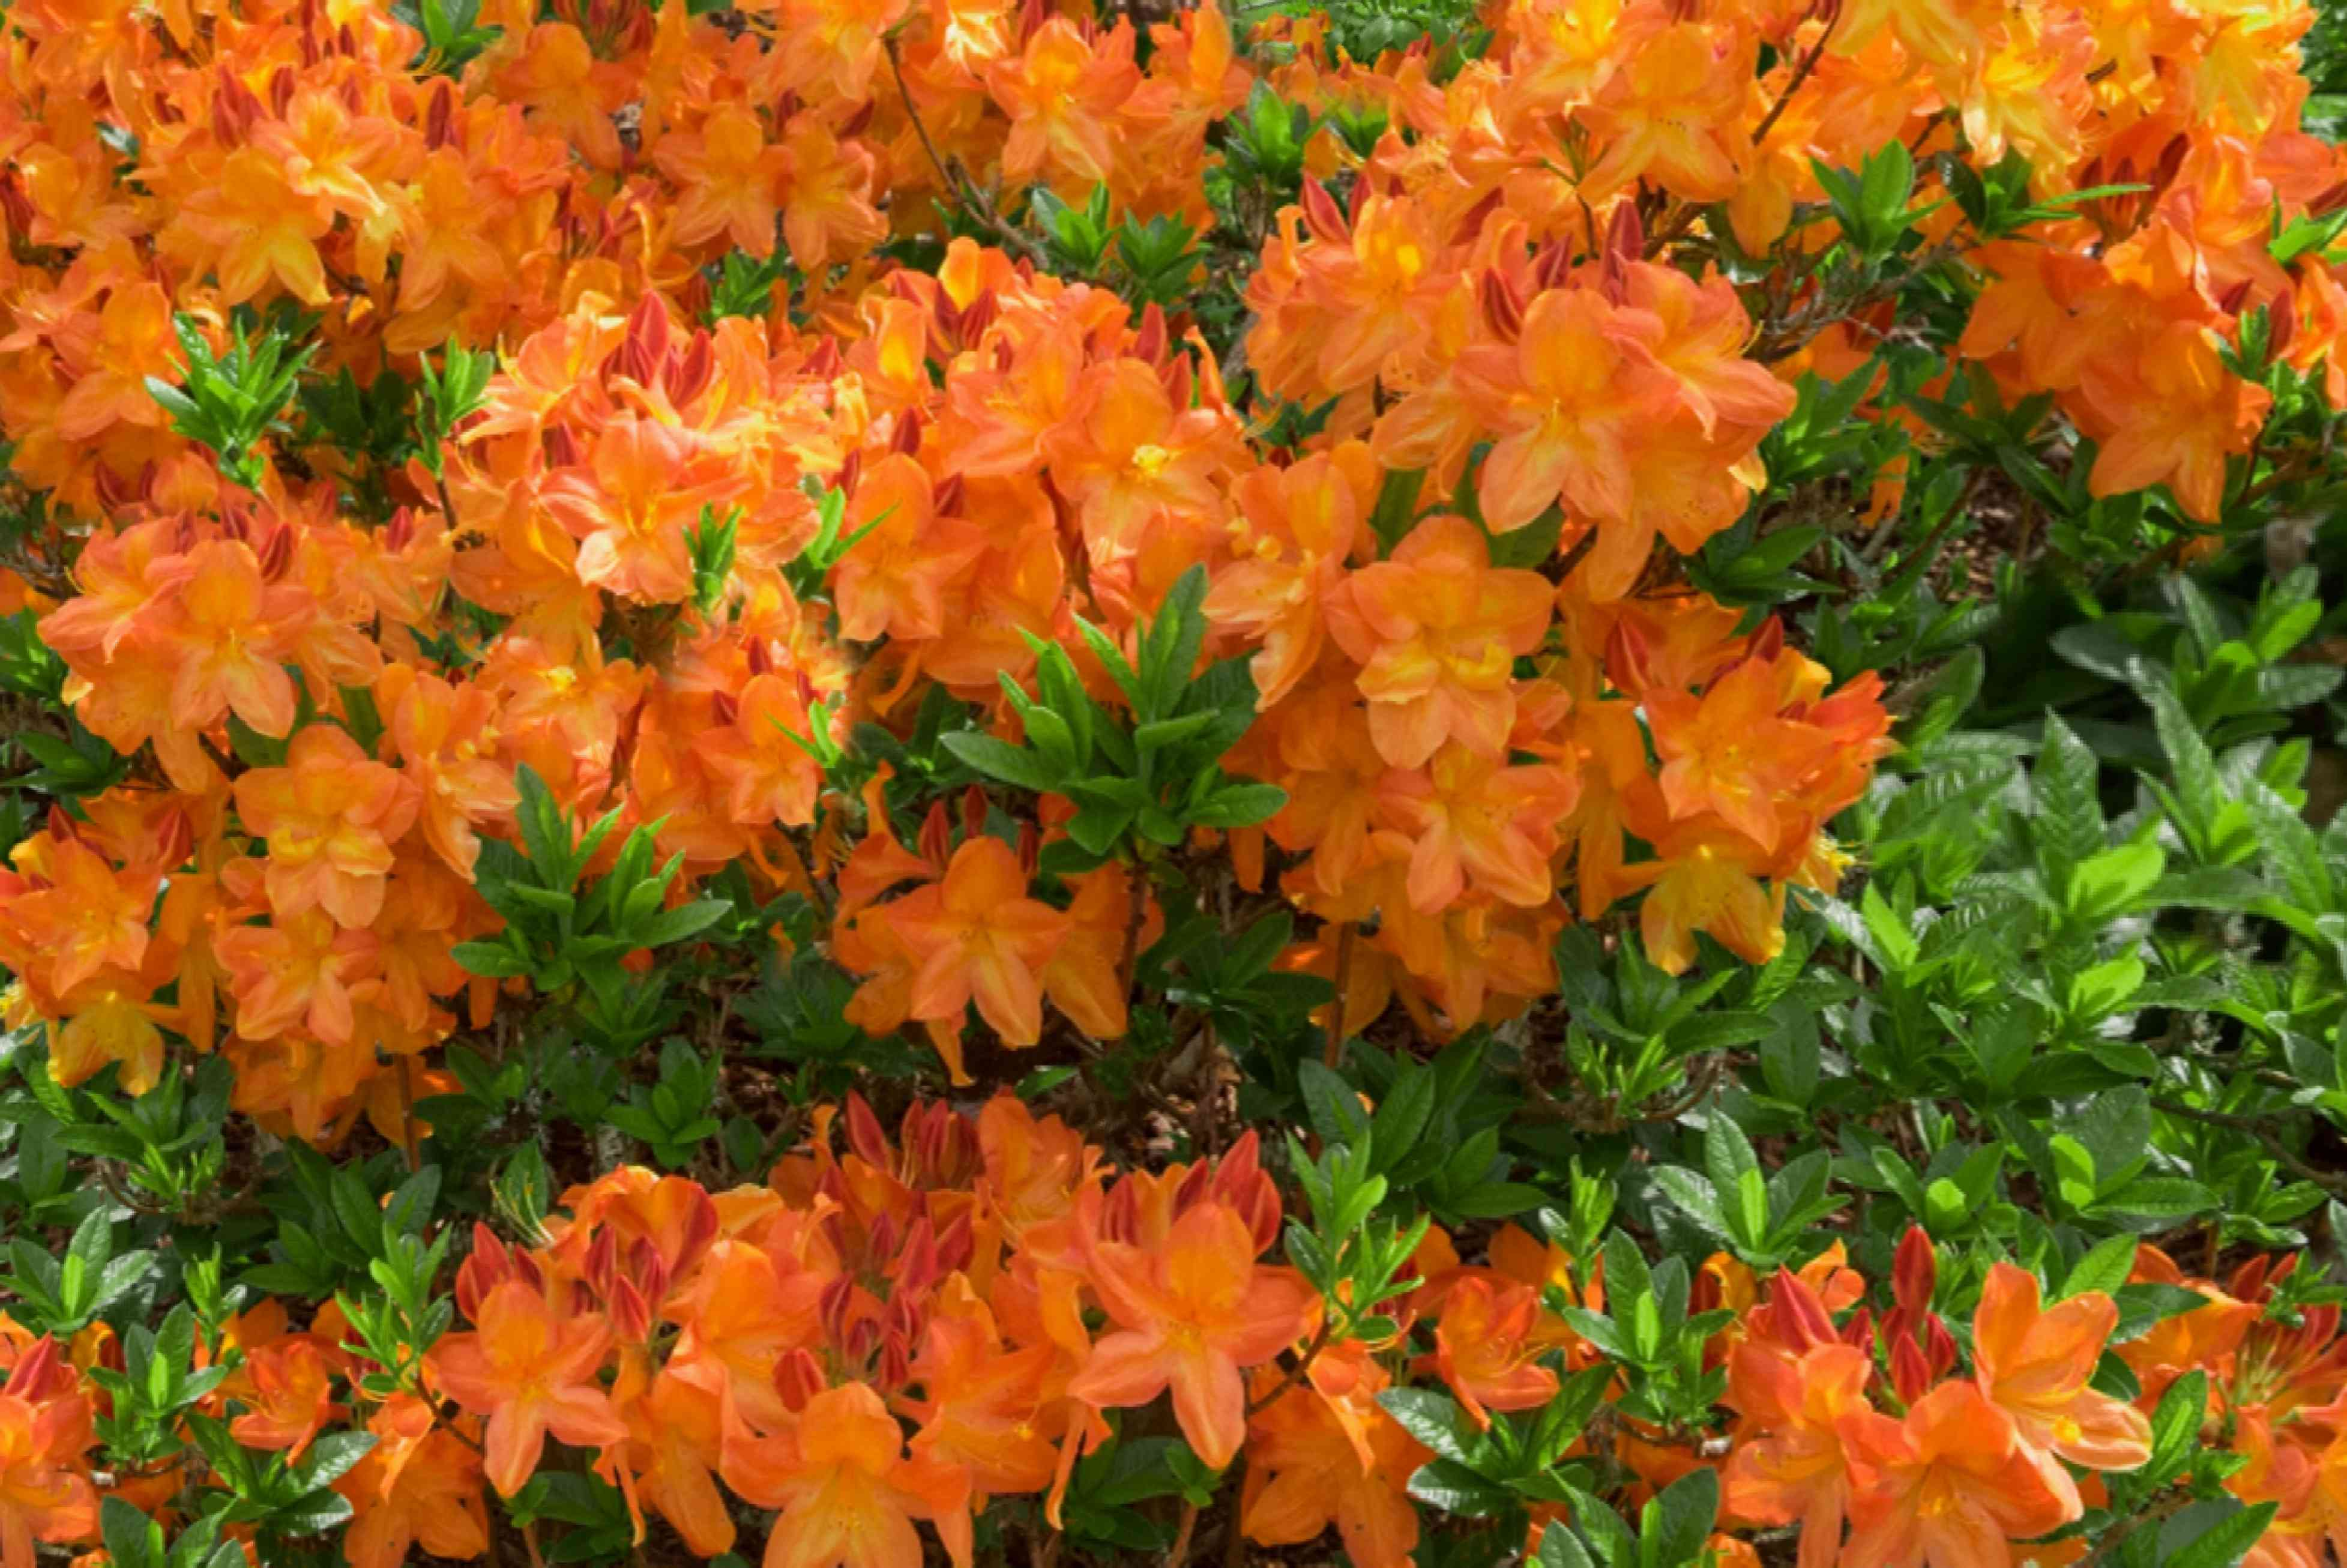 Gibraltar azalea flowering shrub with orange funnel-like petal tresses surrounded by leaves